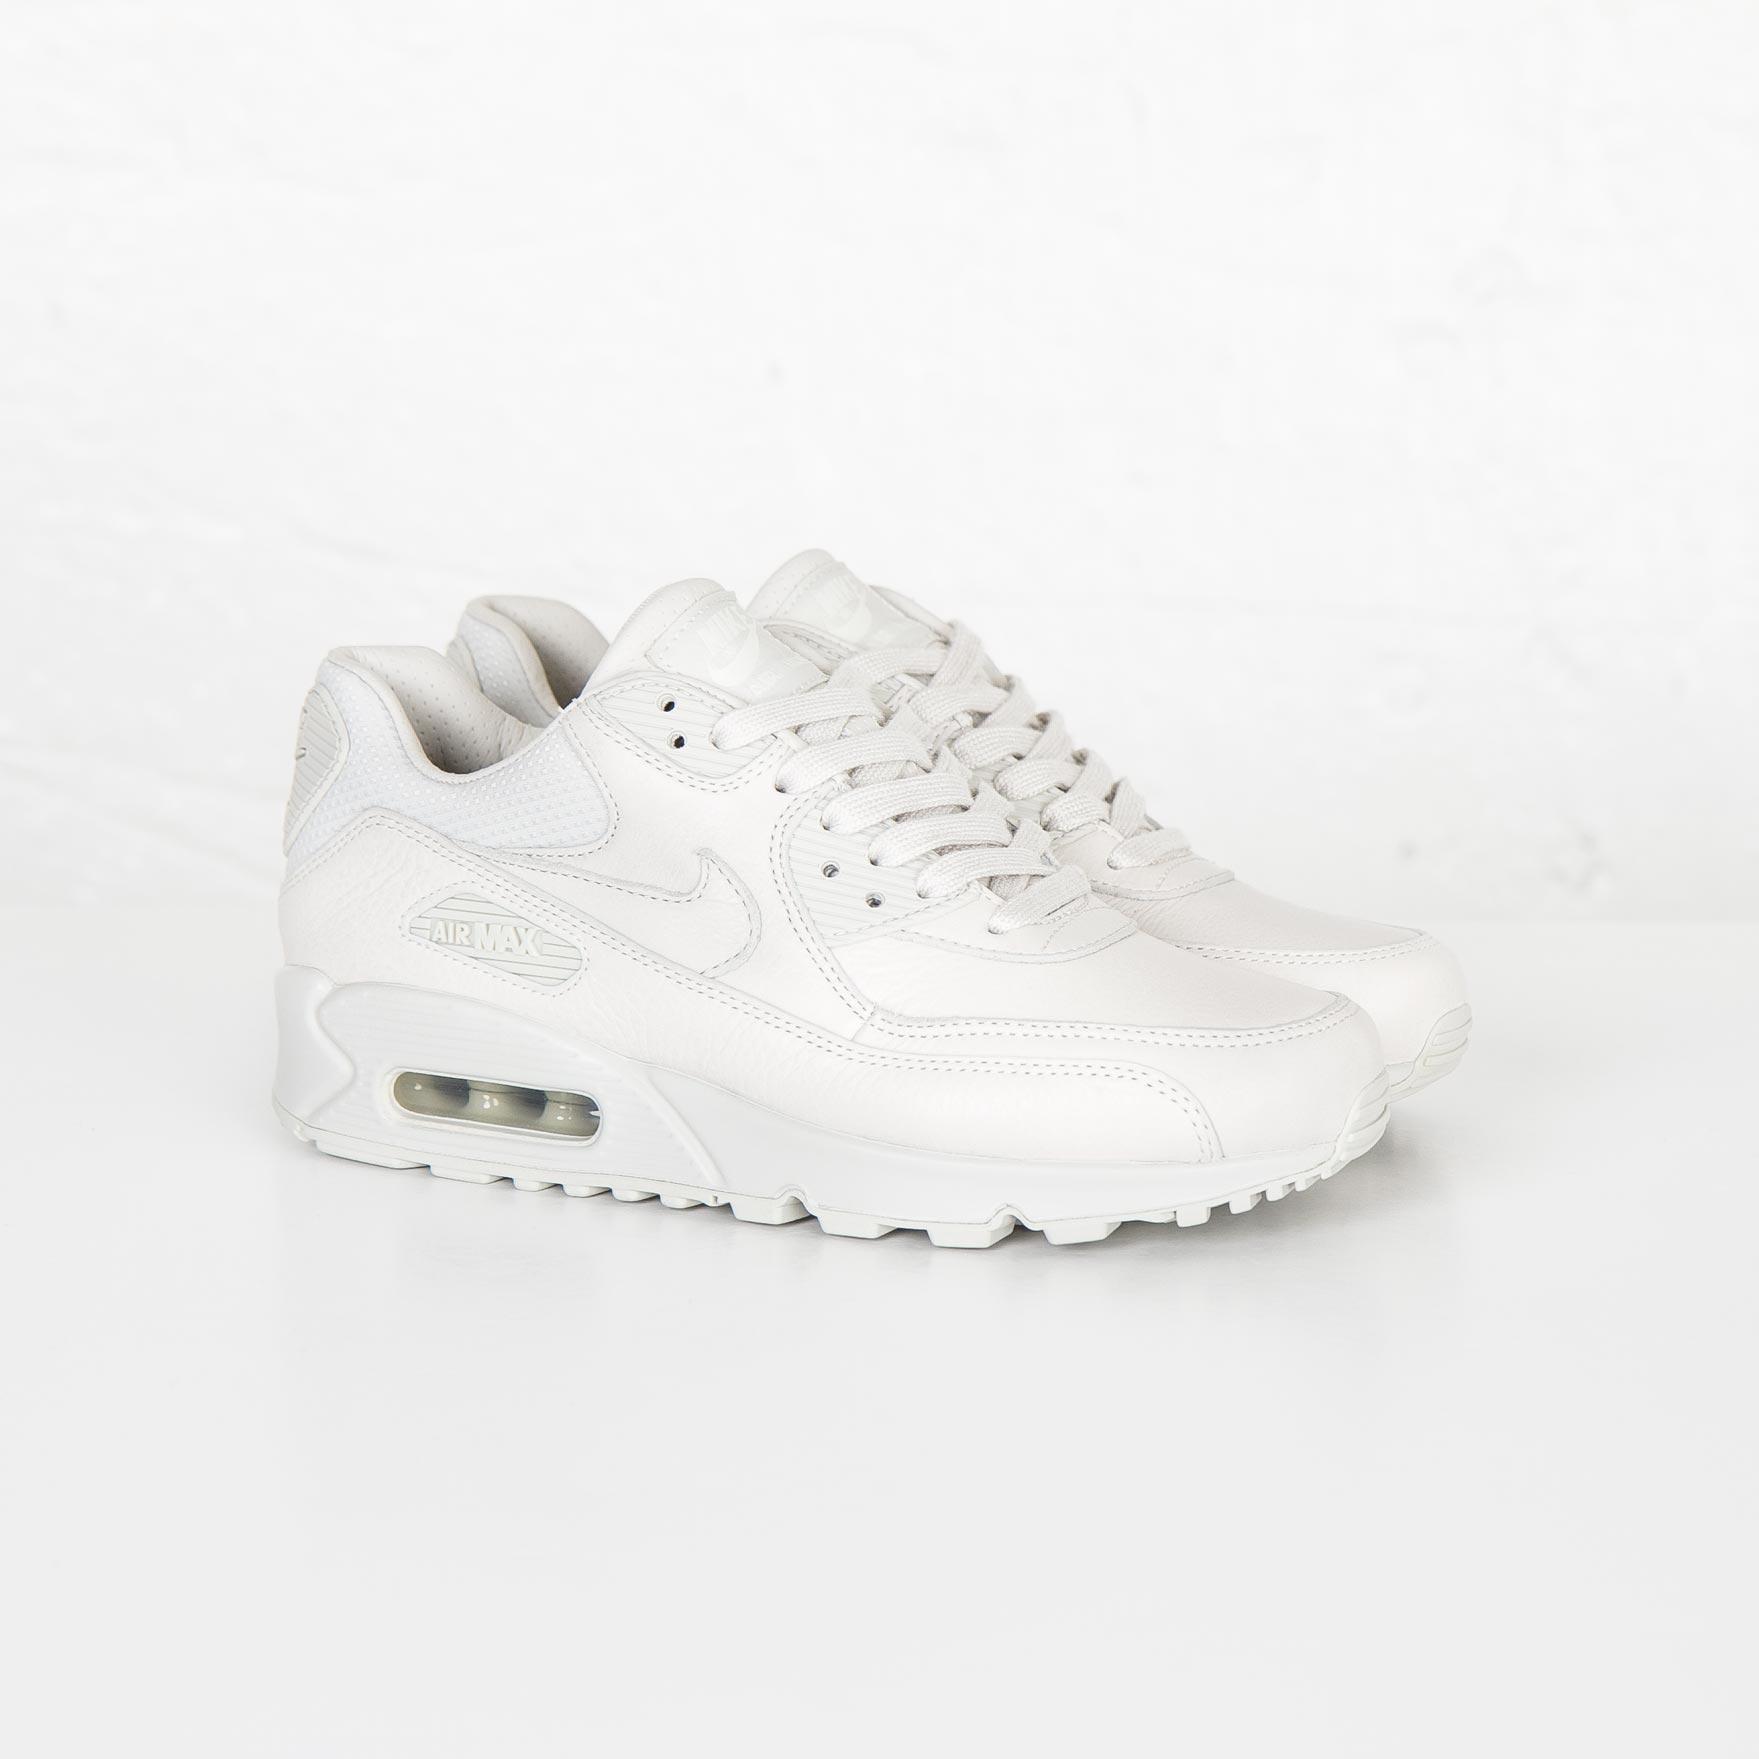 nike air max 90 wmns pinnacle 839612 001 sneakersnstuff